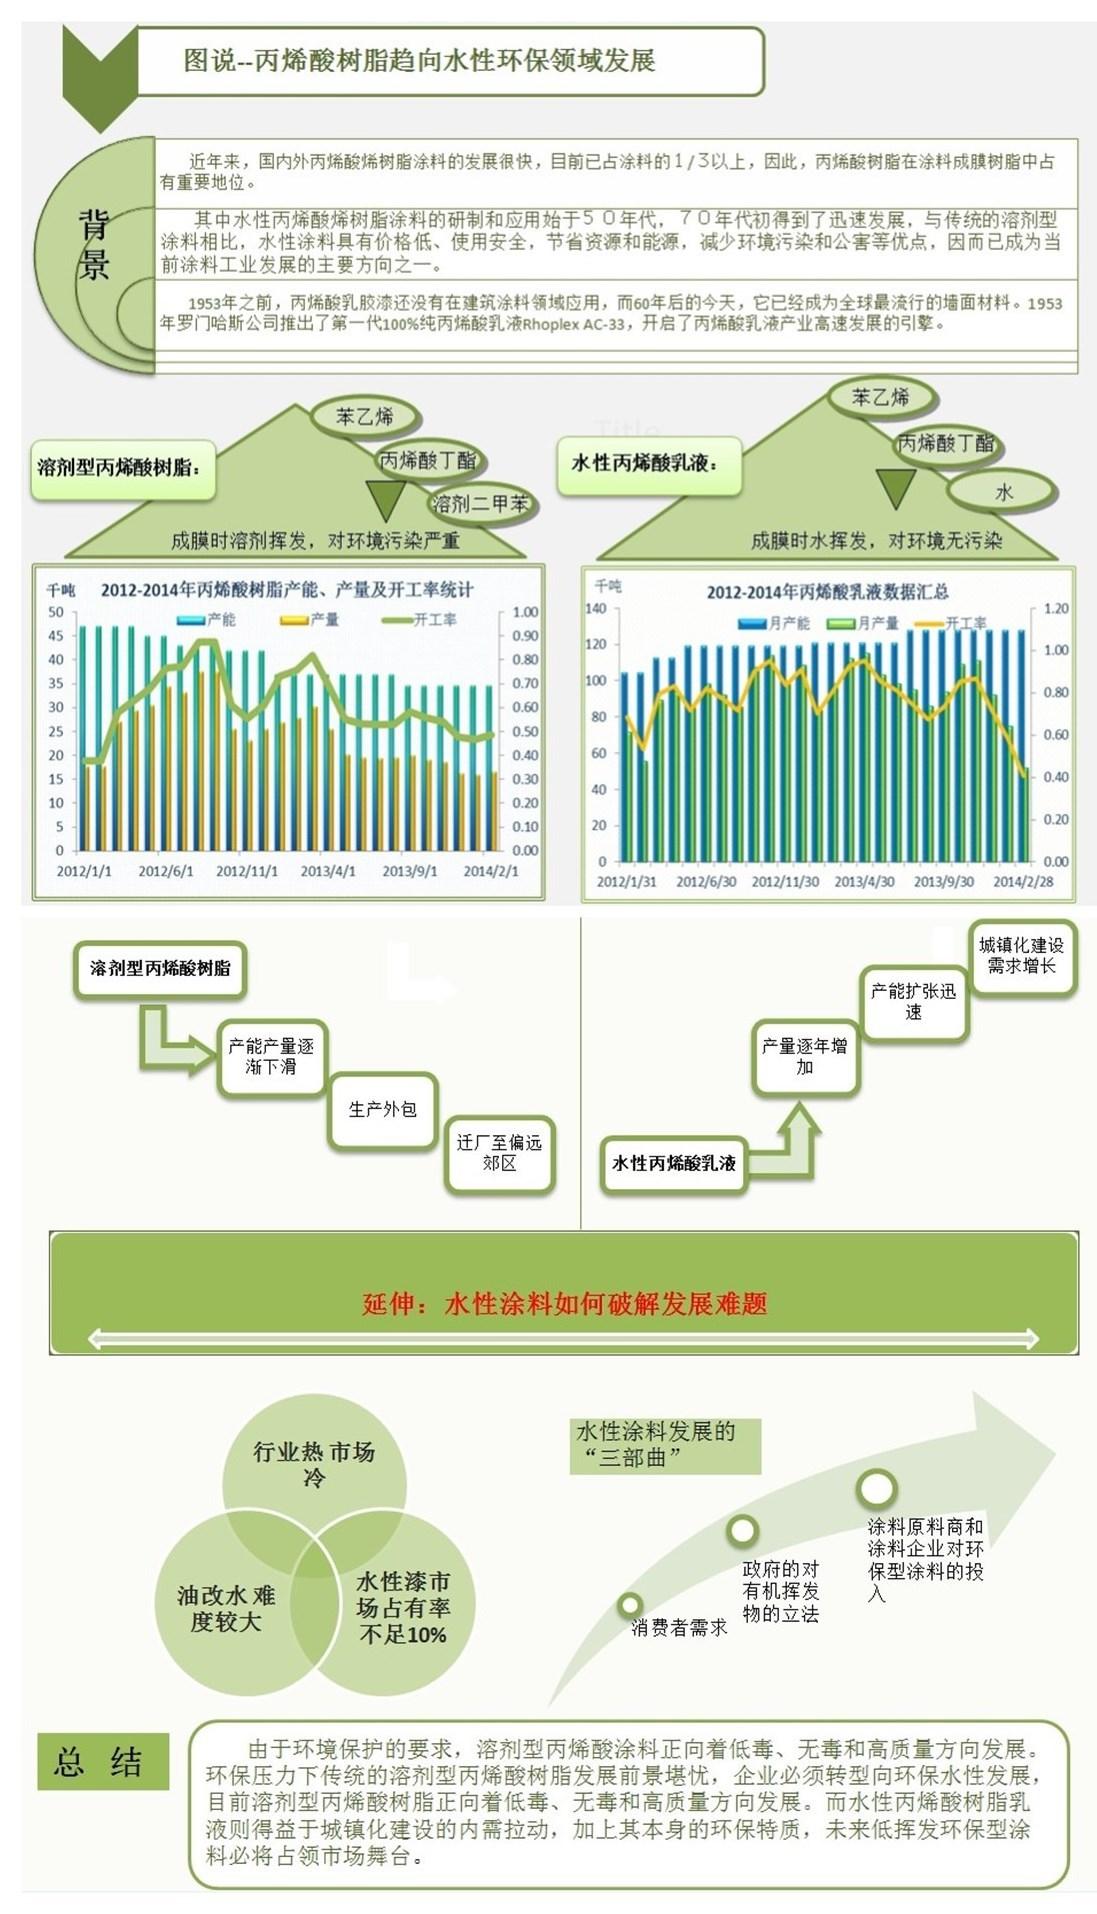 图说-丙烯酸树脂趋向水性环保领域发展